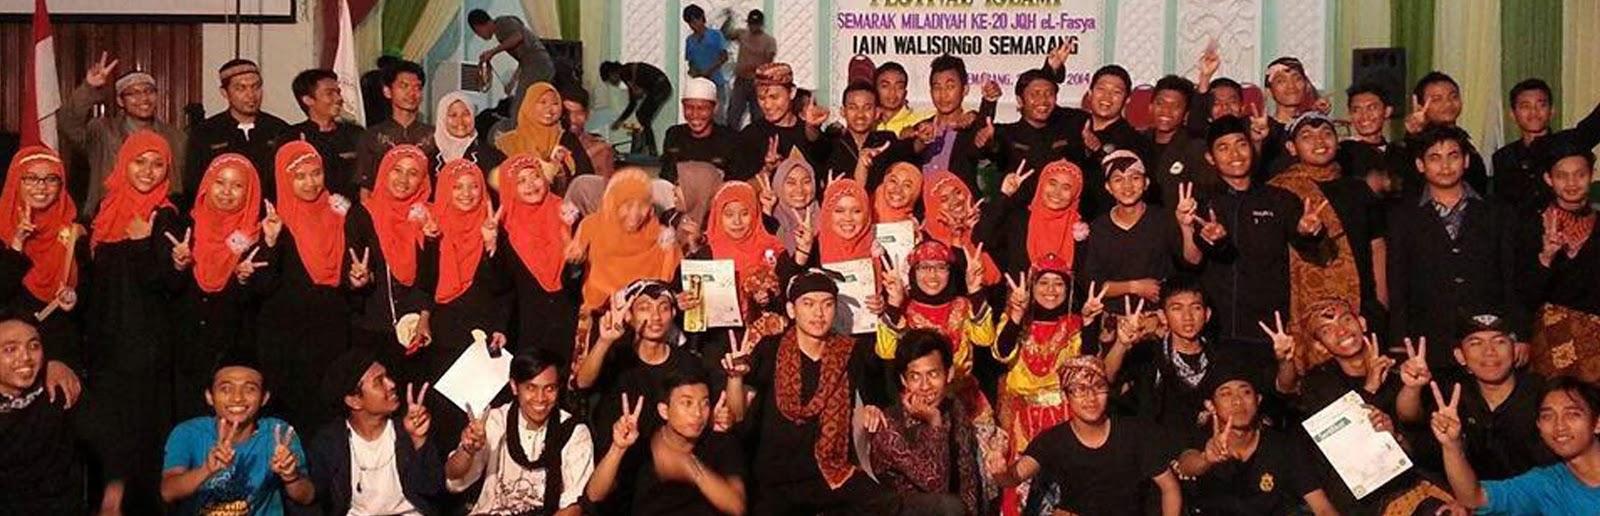 Anggota JQH setelah selesainya kegiatan Gebyar Festifal Islami 2014